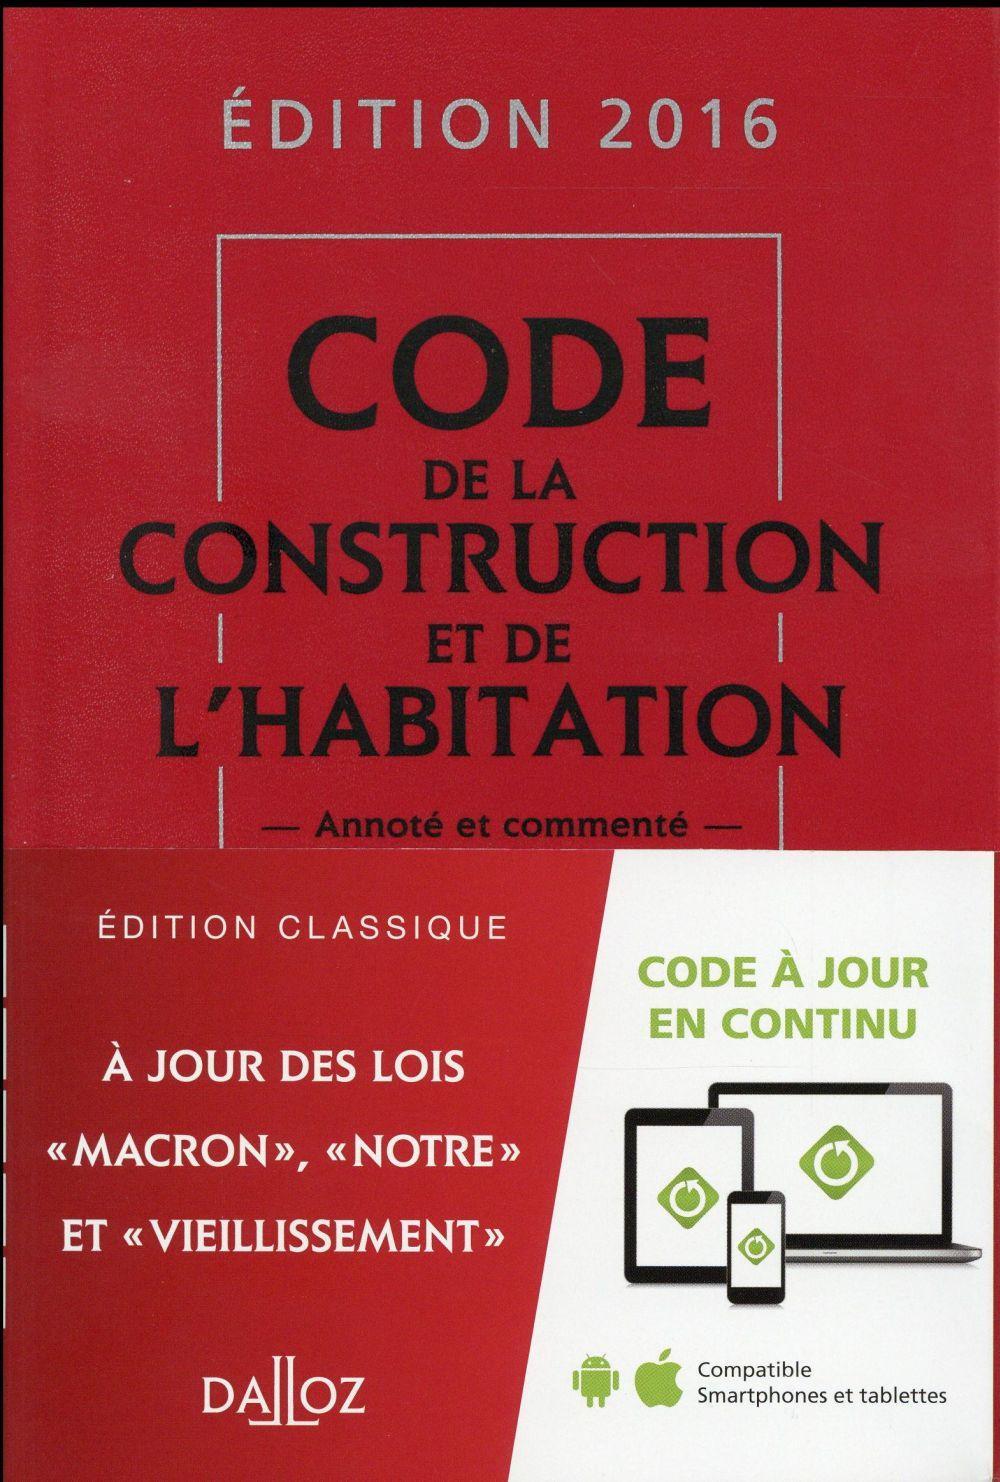 Code de la construction et de l 39 habitation annot et comment dition 2016 collectif - Code de la construction et de l habitation ...